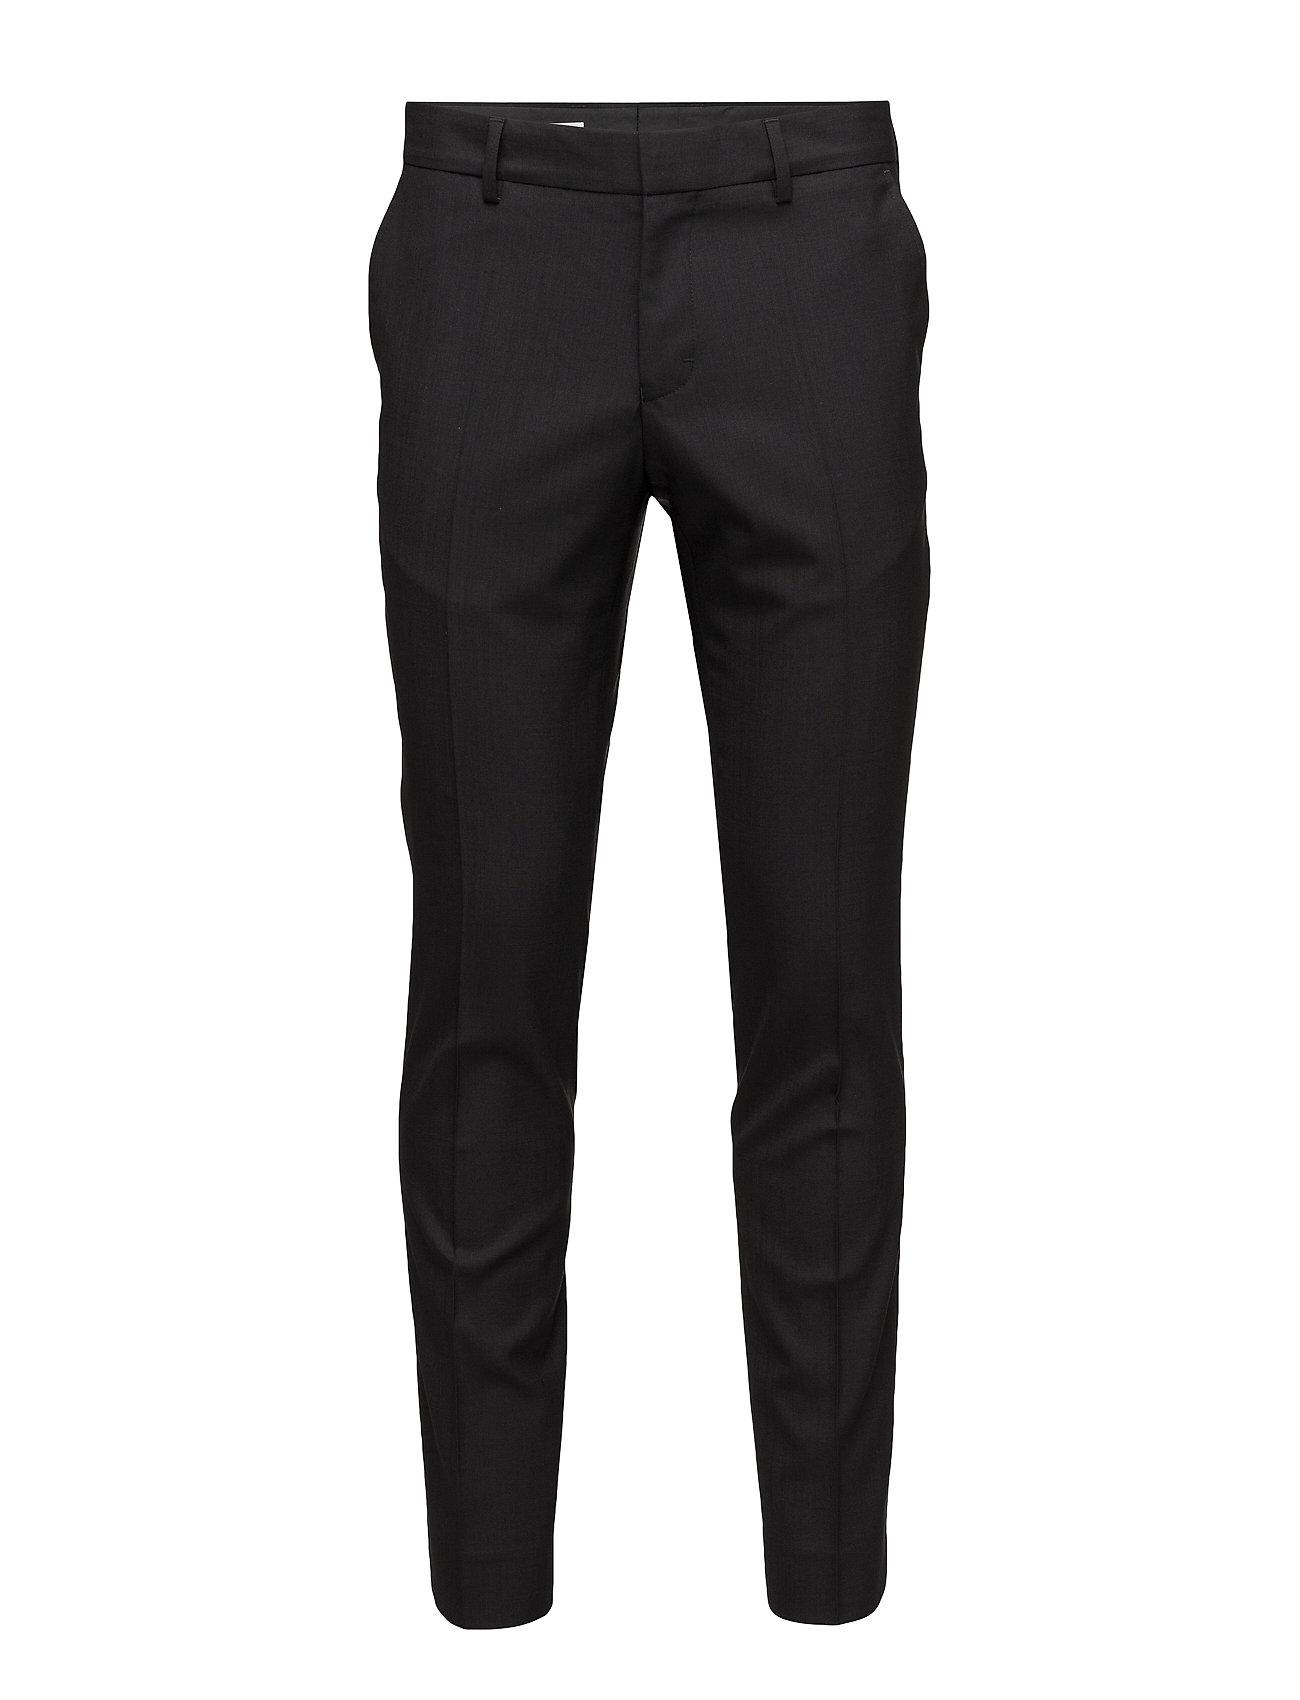 Filippa K M. Liam Cool Wool Slacks - BLACK